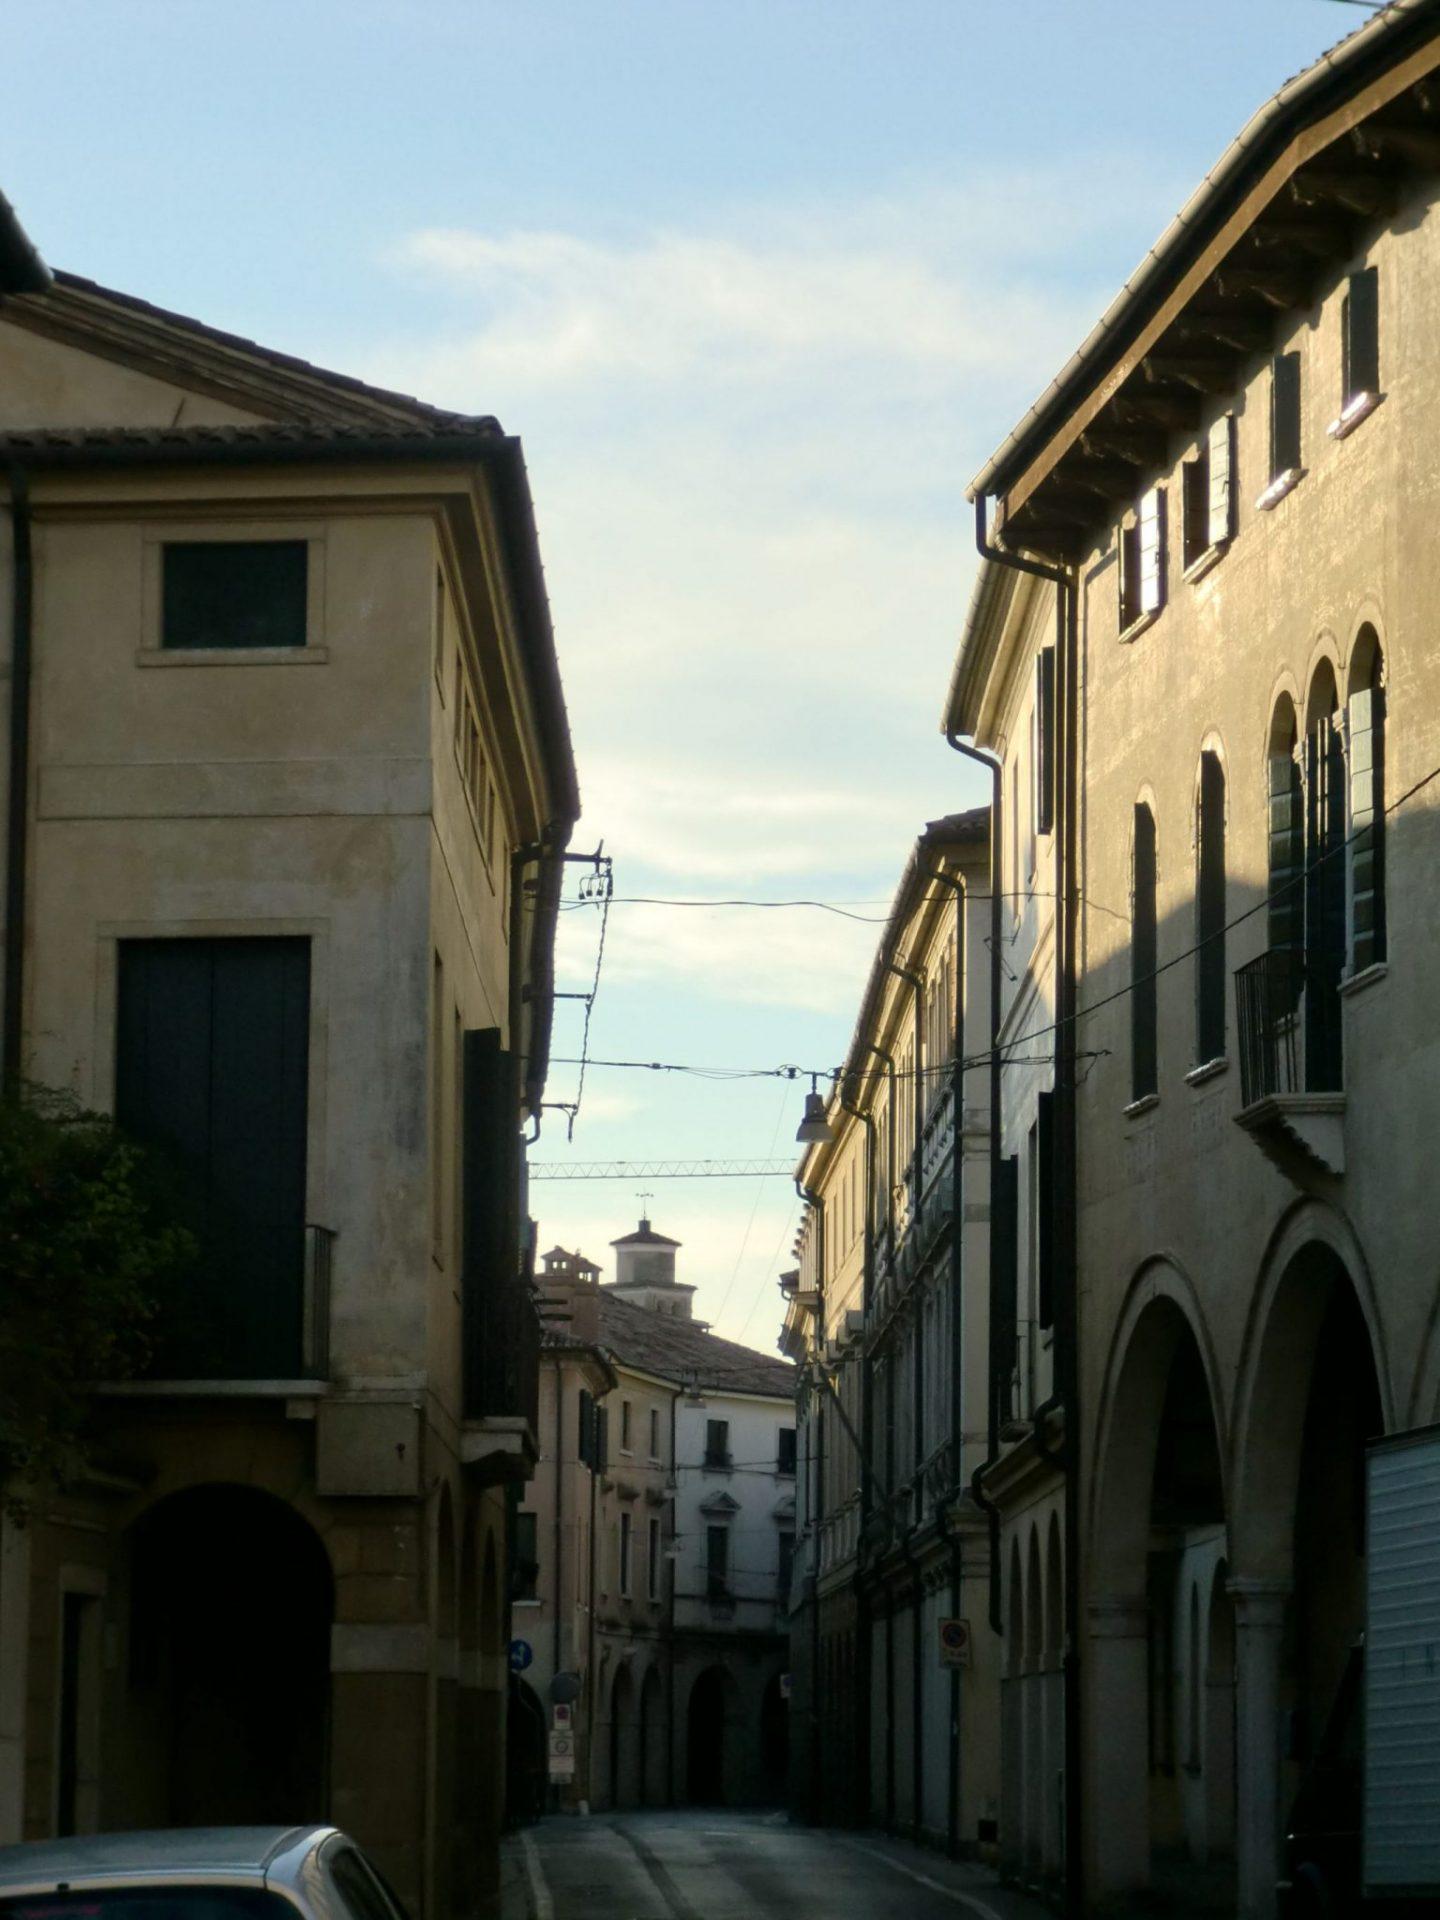 Treviso centro 7 1440x1920 - Treviso: Italian beauty